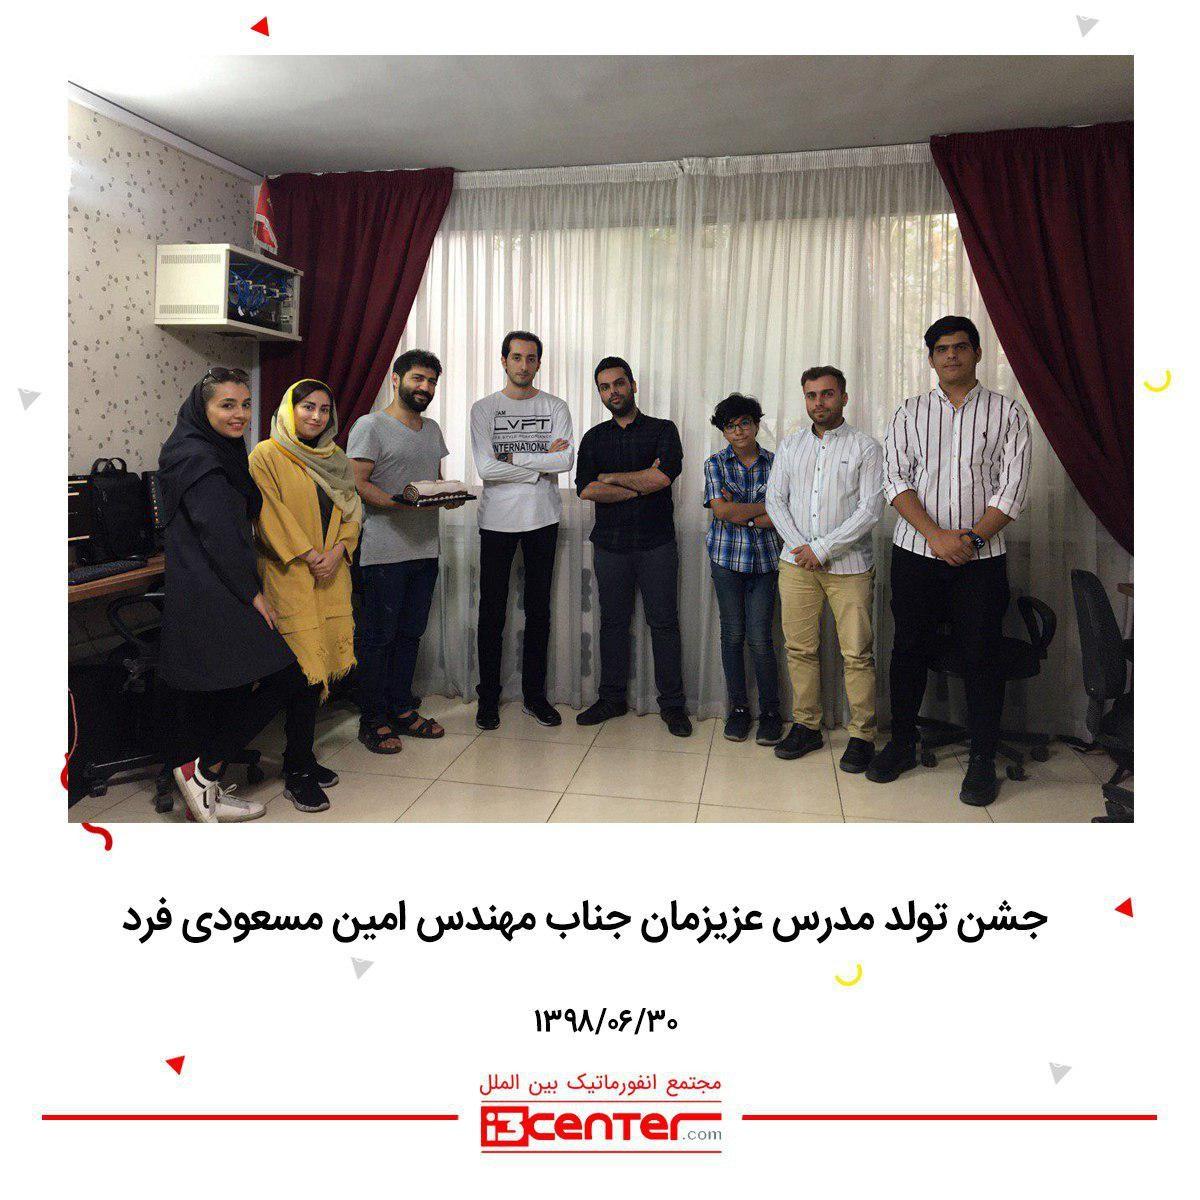 جشن تولد مدرس گرامی، مهندس مسعودی فرد